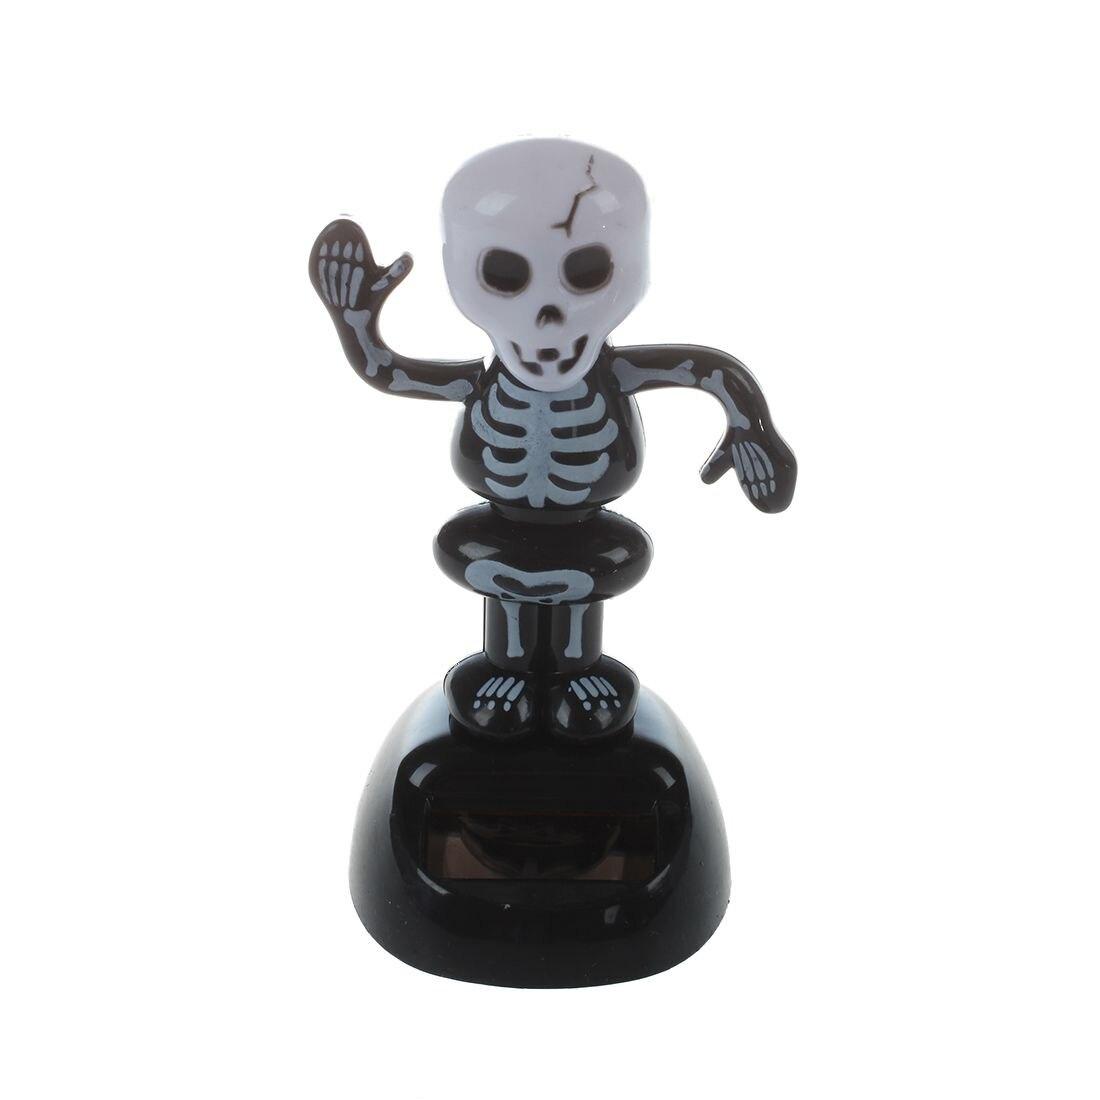 Großhandel Artikel Solar Power Tanzen Abbildung Grausige Mordszene Skeleton Außenbeleuchtung Neuheit Schreibtisch Auto Spielzeug Ornament